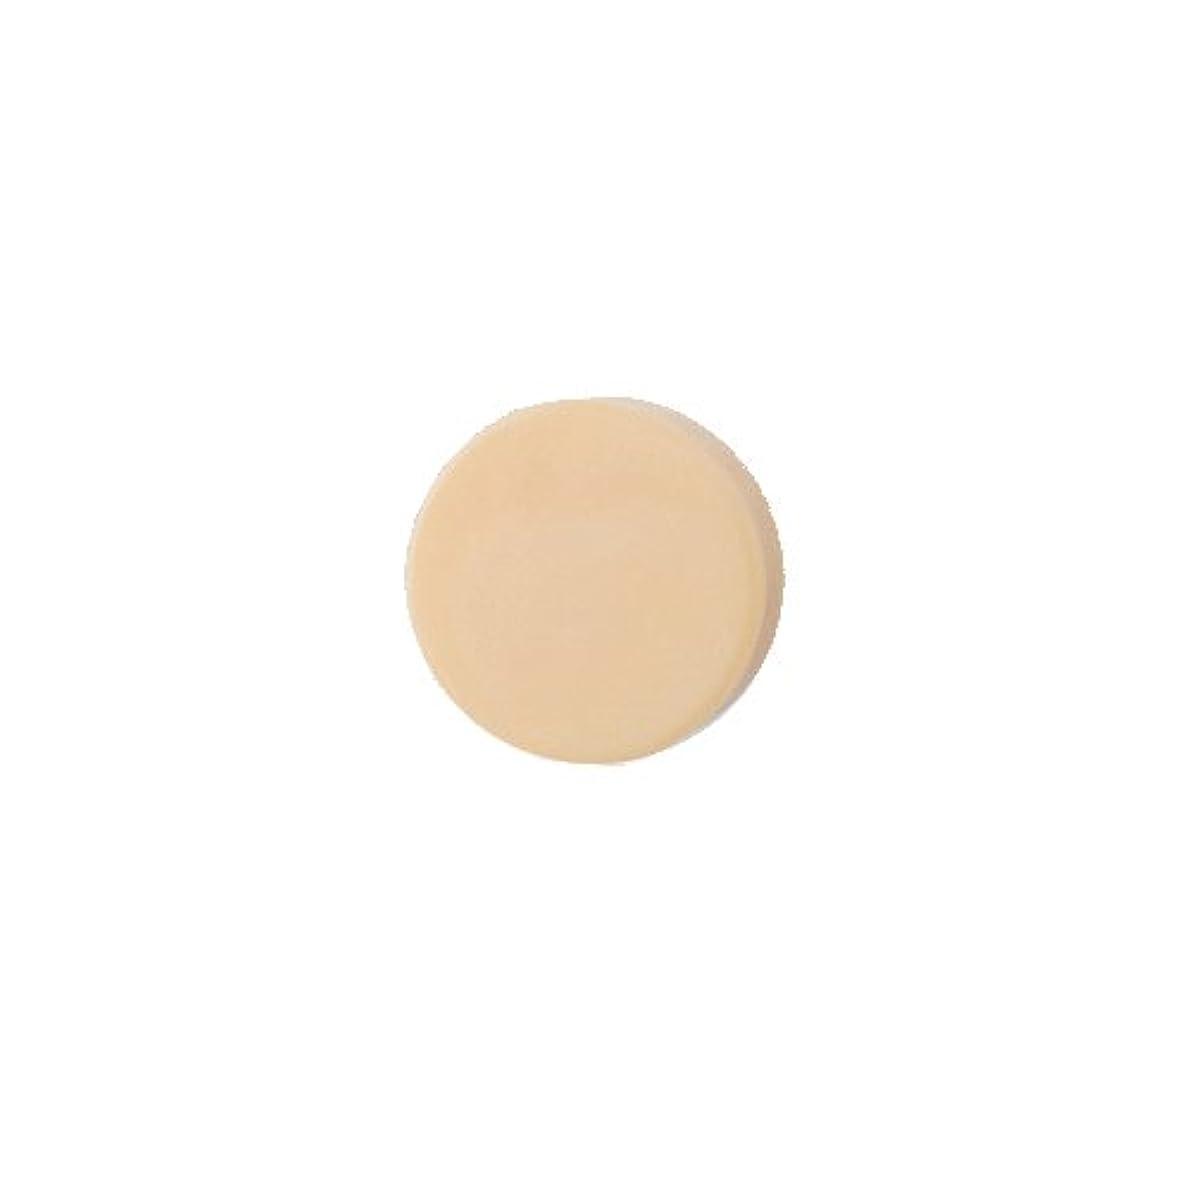 責任者先に謙虚こだわりコールド製法の無添加でオーガニックな洗顔石鹸 マザーウッド&シルクソープ 75g